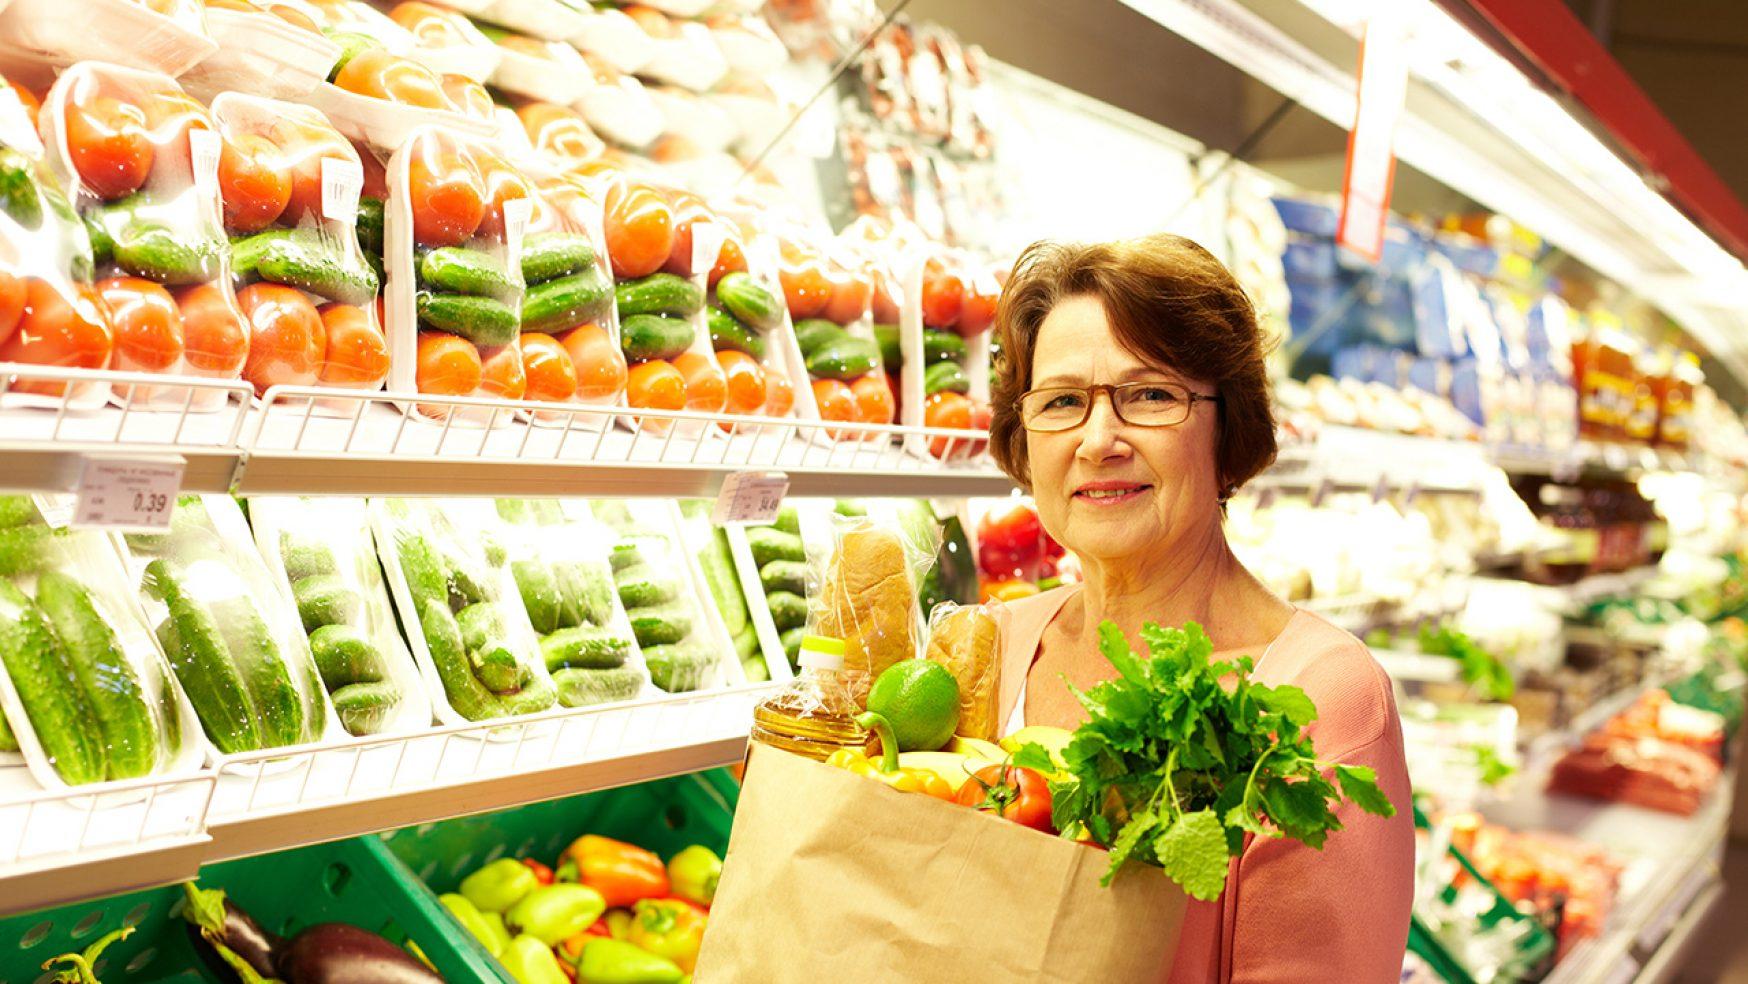 ¿Cómo adquirir Hábitos de Alimentación Saludables?